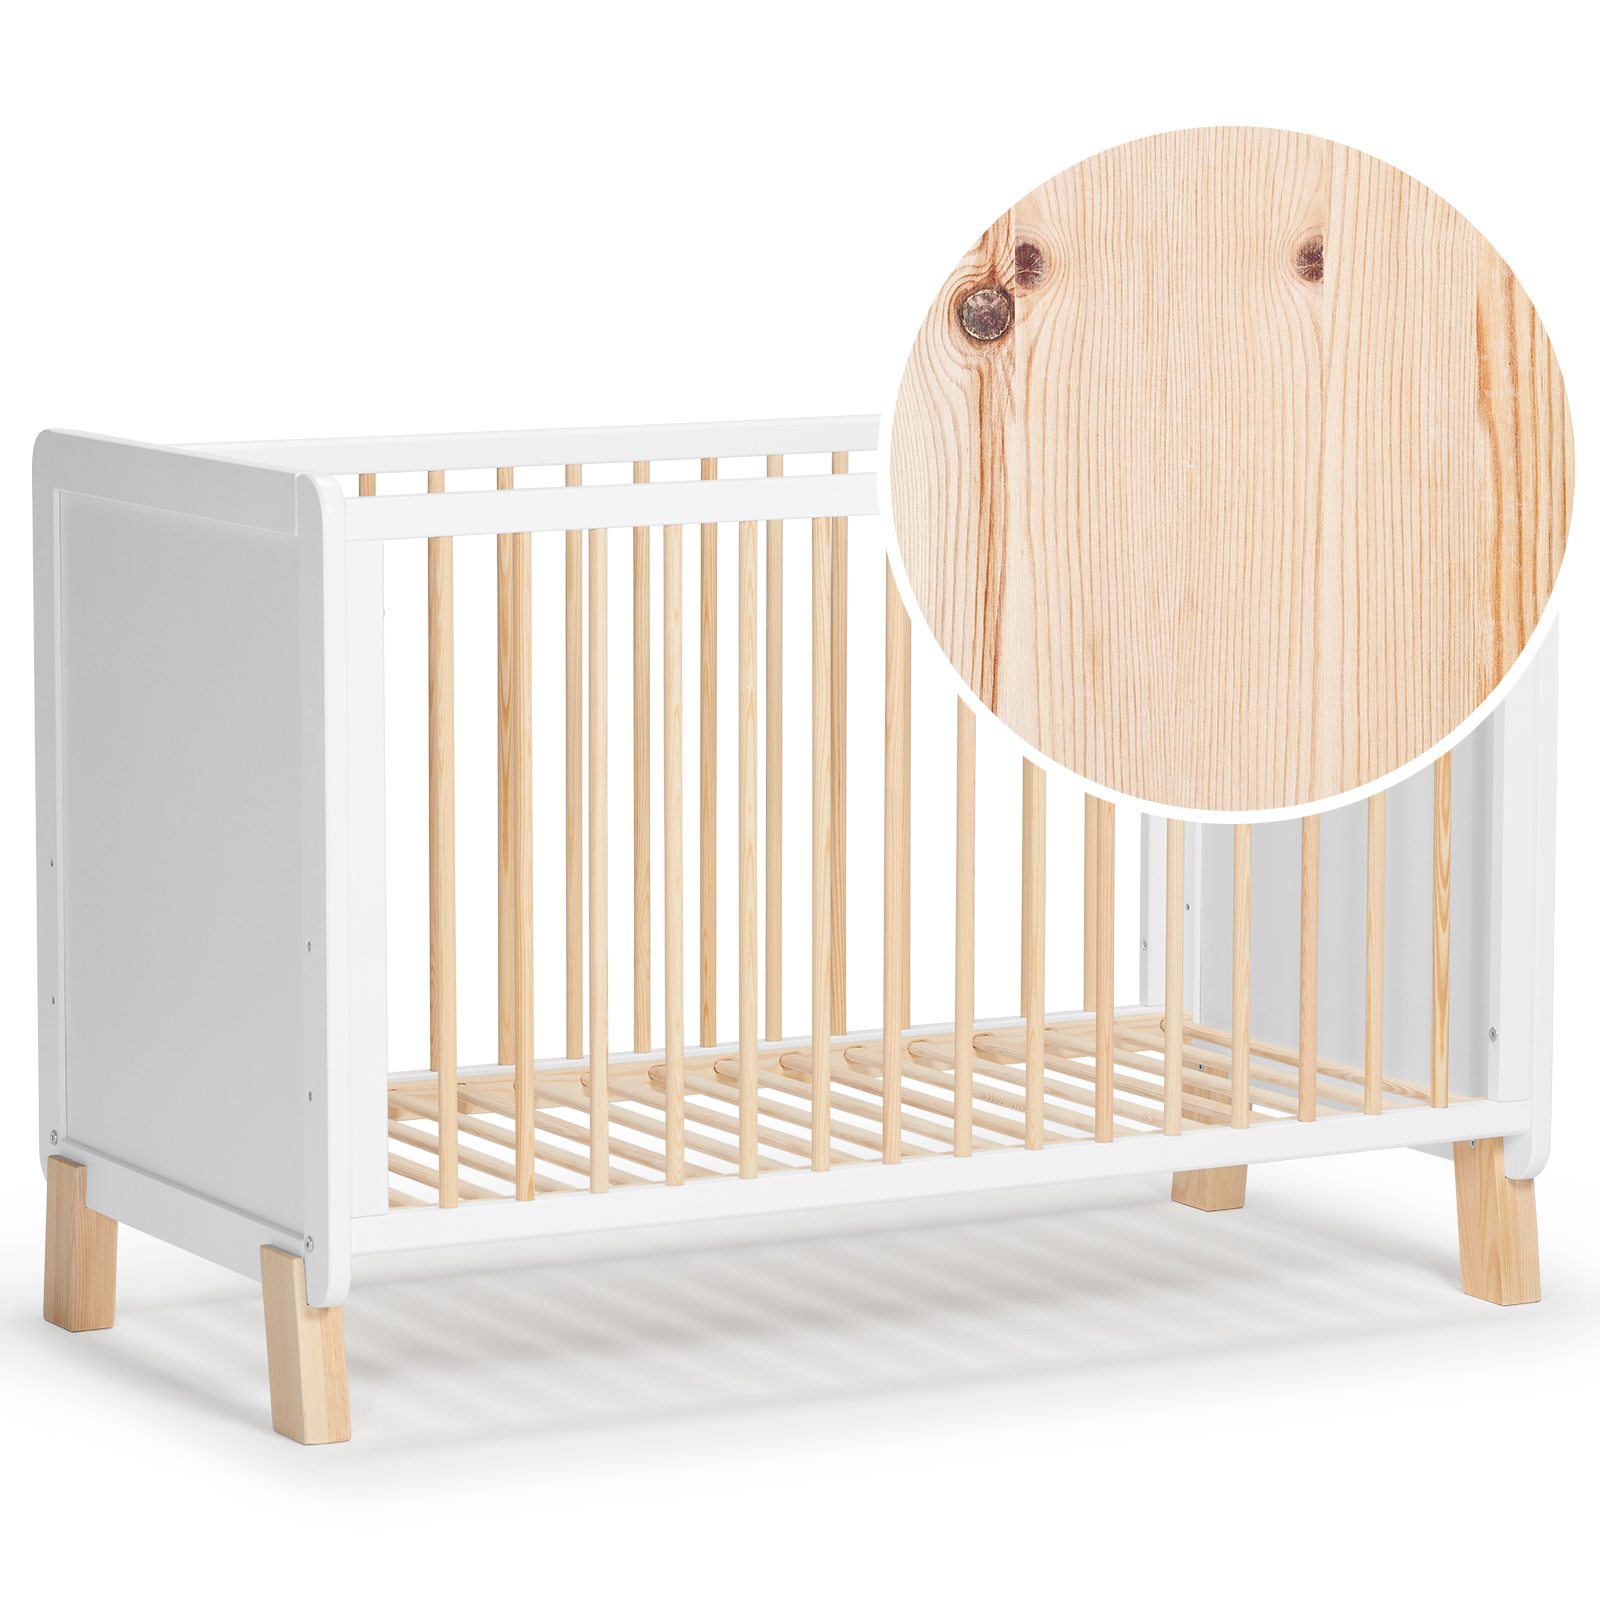 Lit NICO Kinderkraft conçu en bois de pin